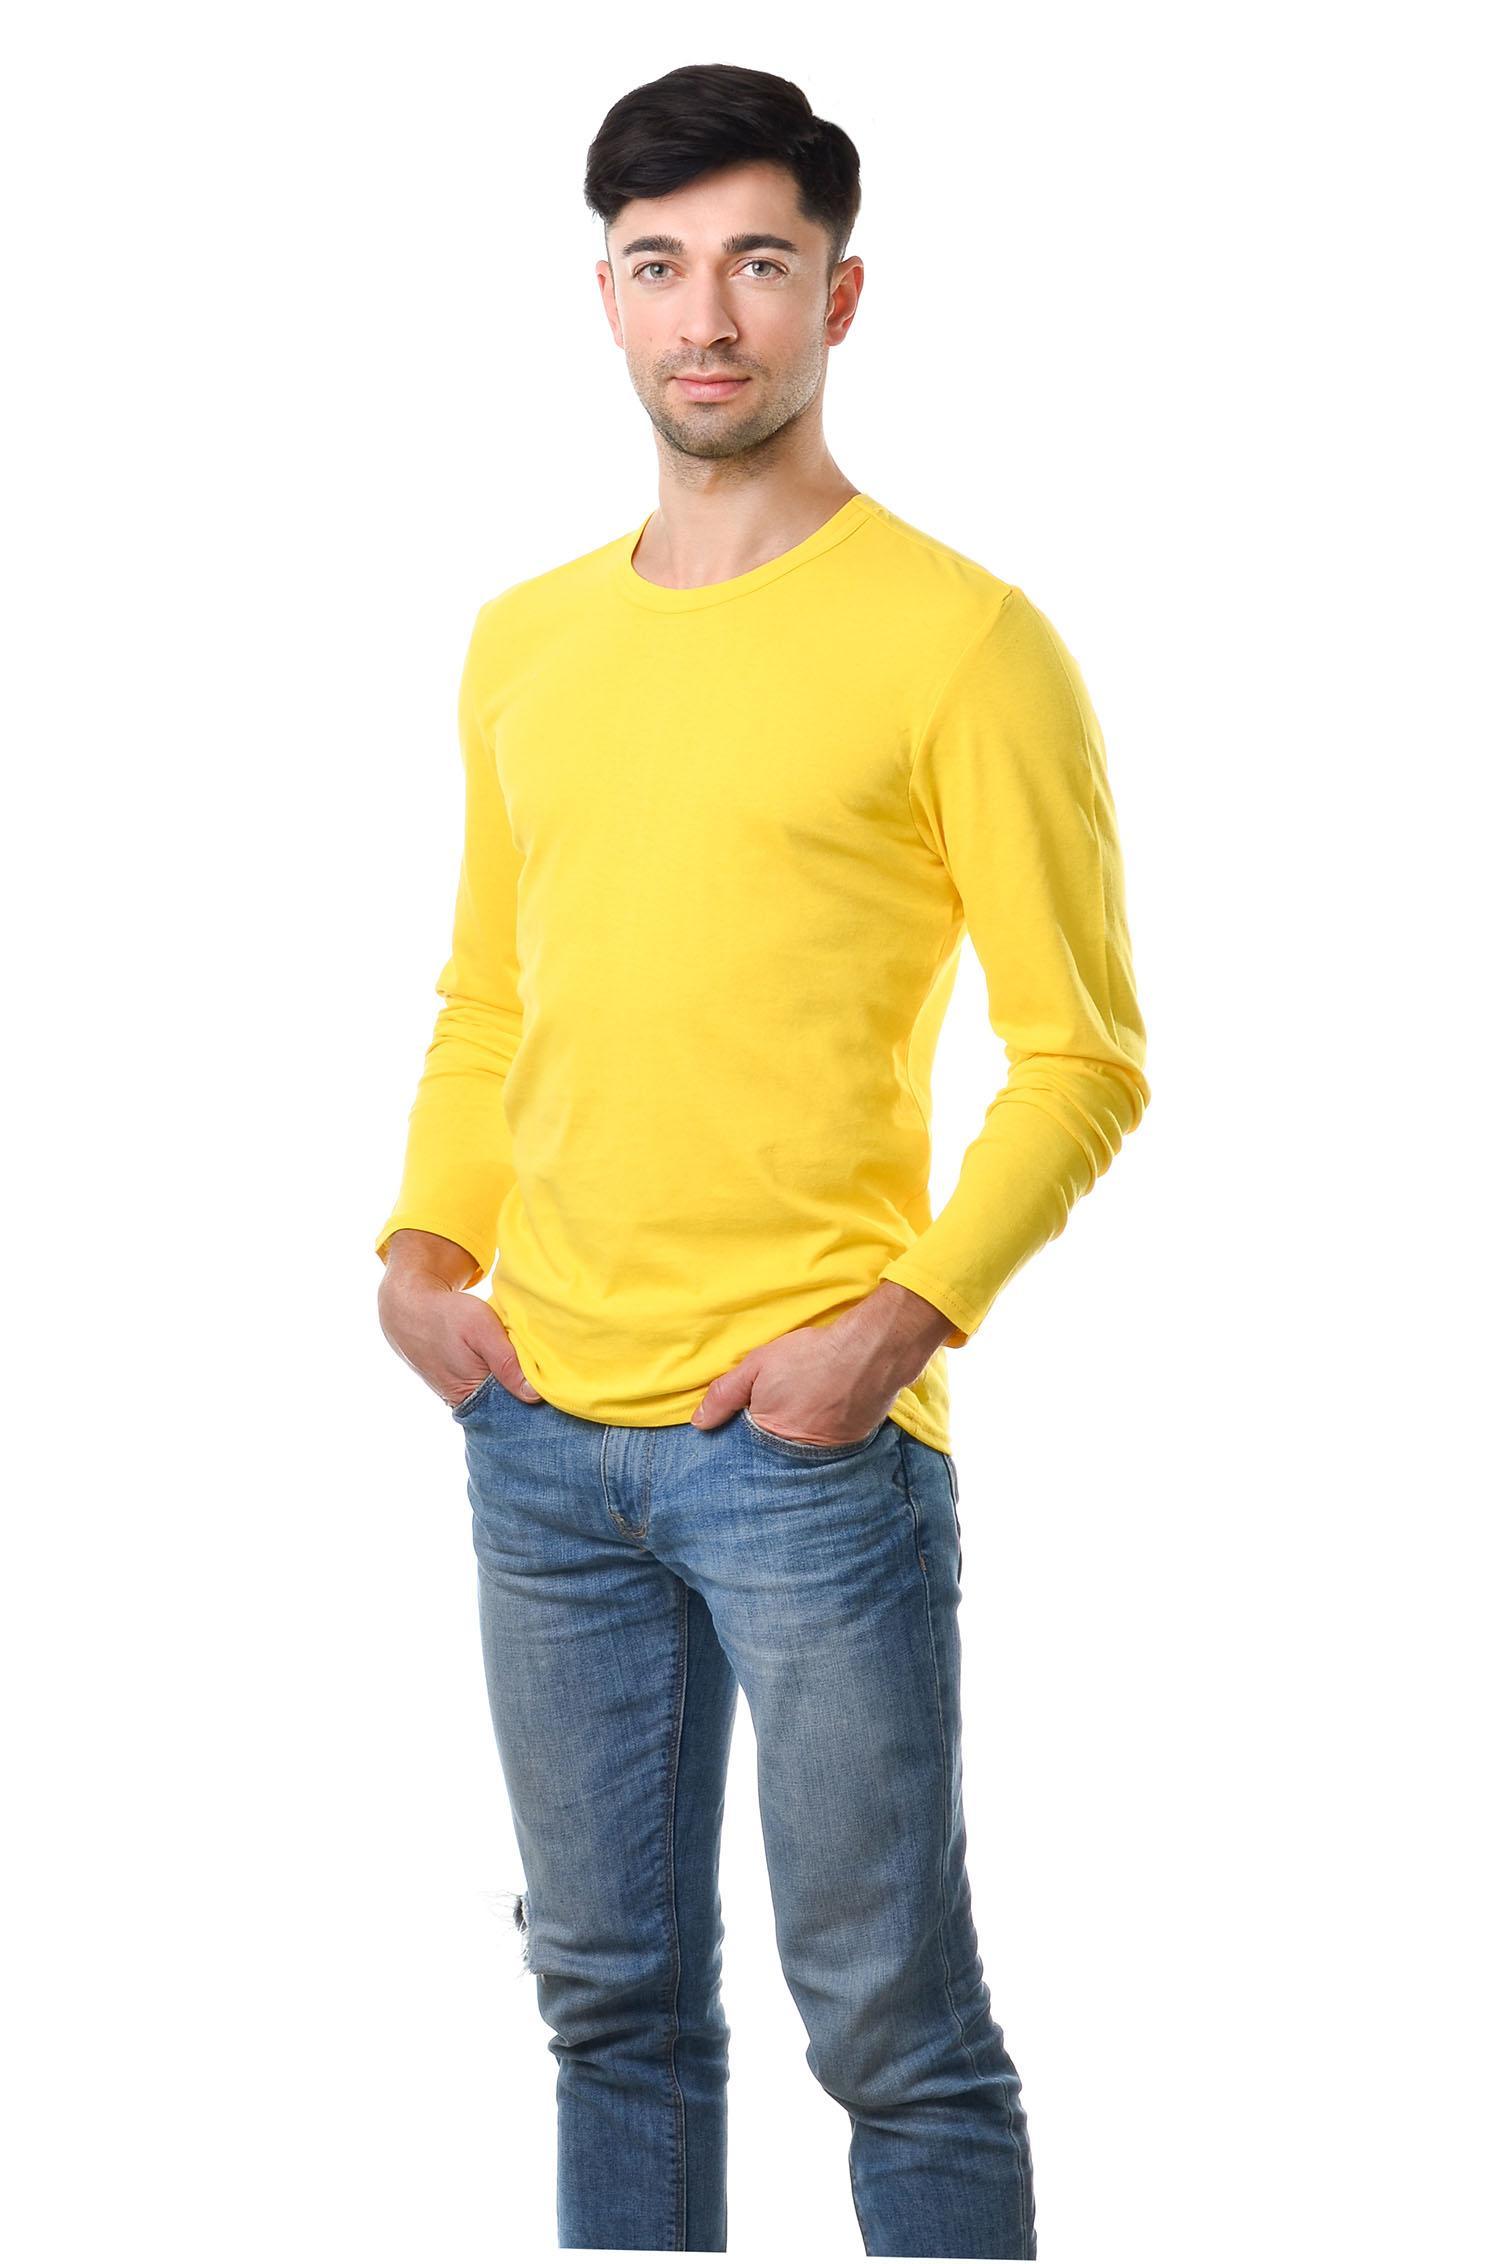 Купить желтую футболку с длинным рукавом оптом и в розницу - AndreStar 676f8d82d2682